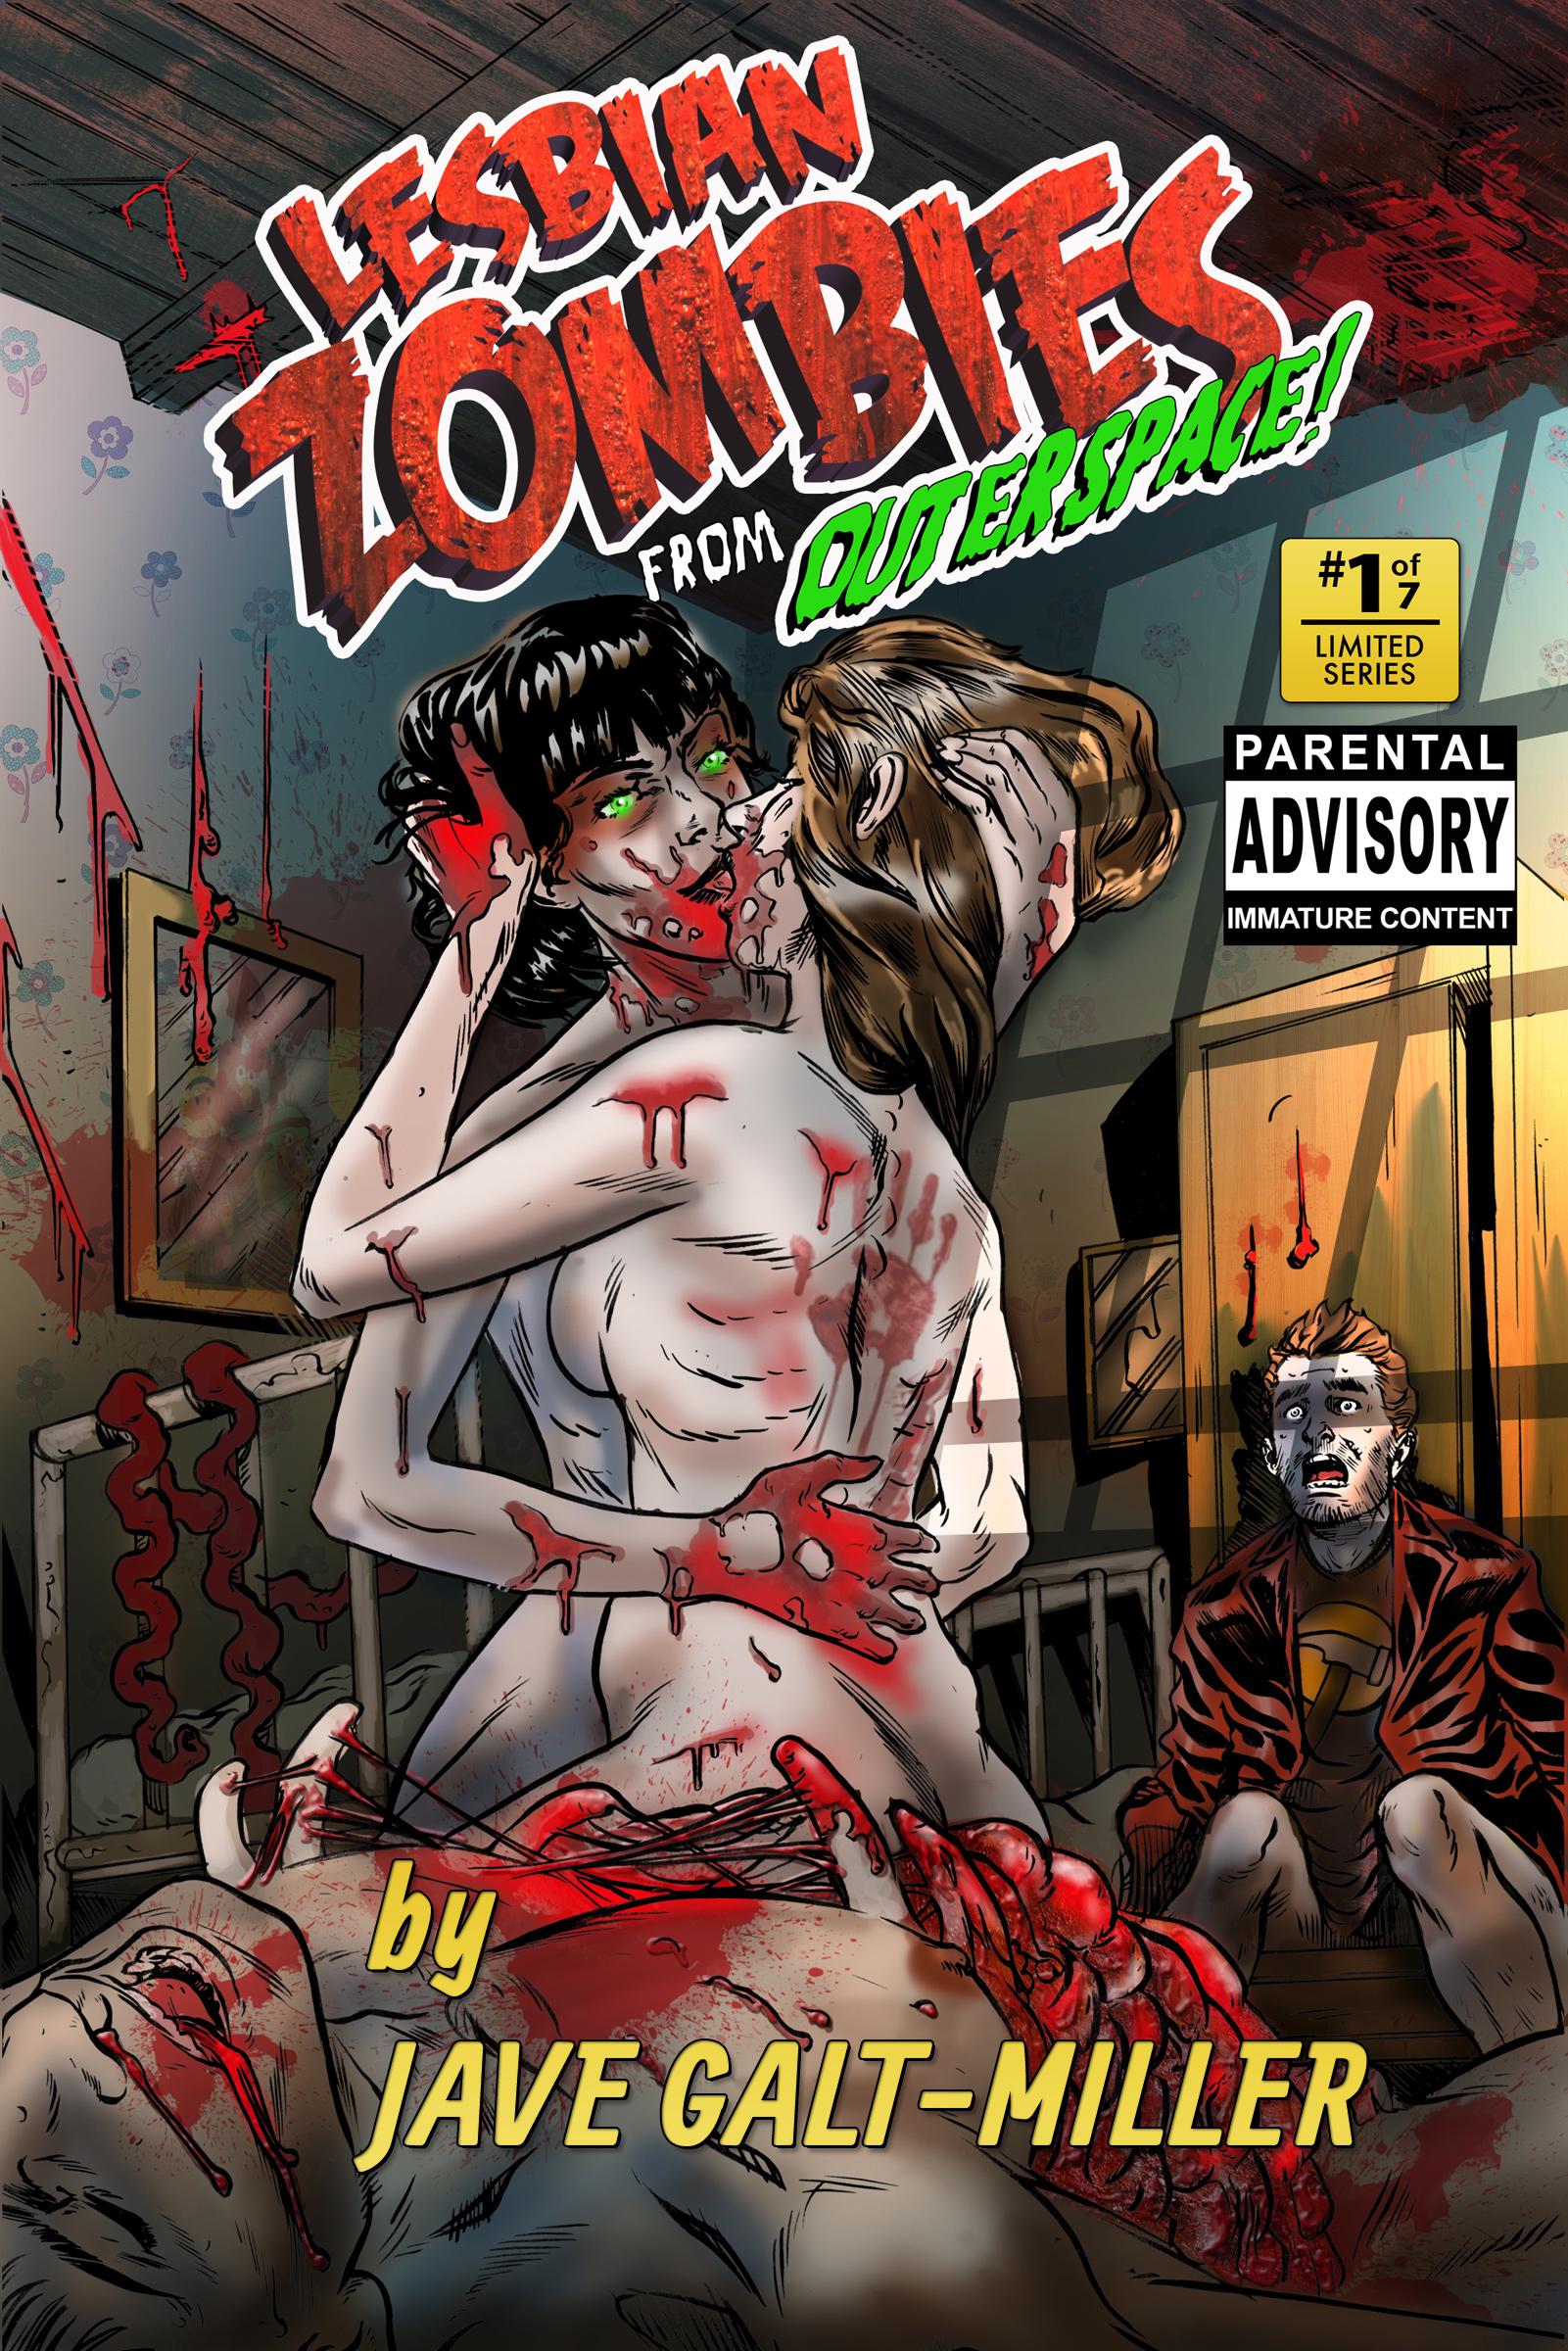 Lara croft fucked zombie hentai pictures